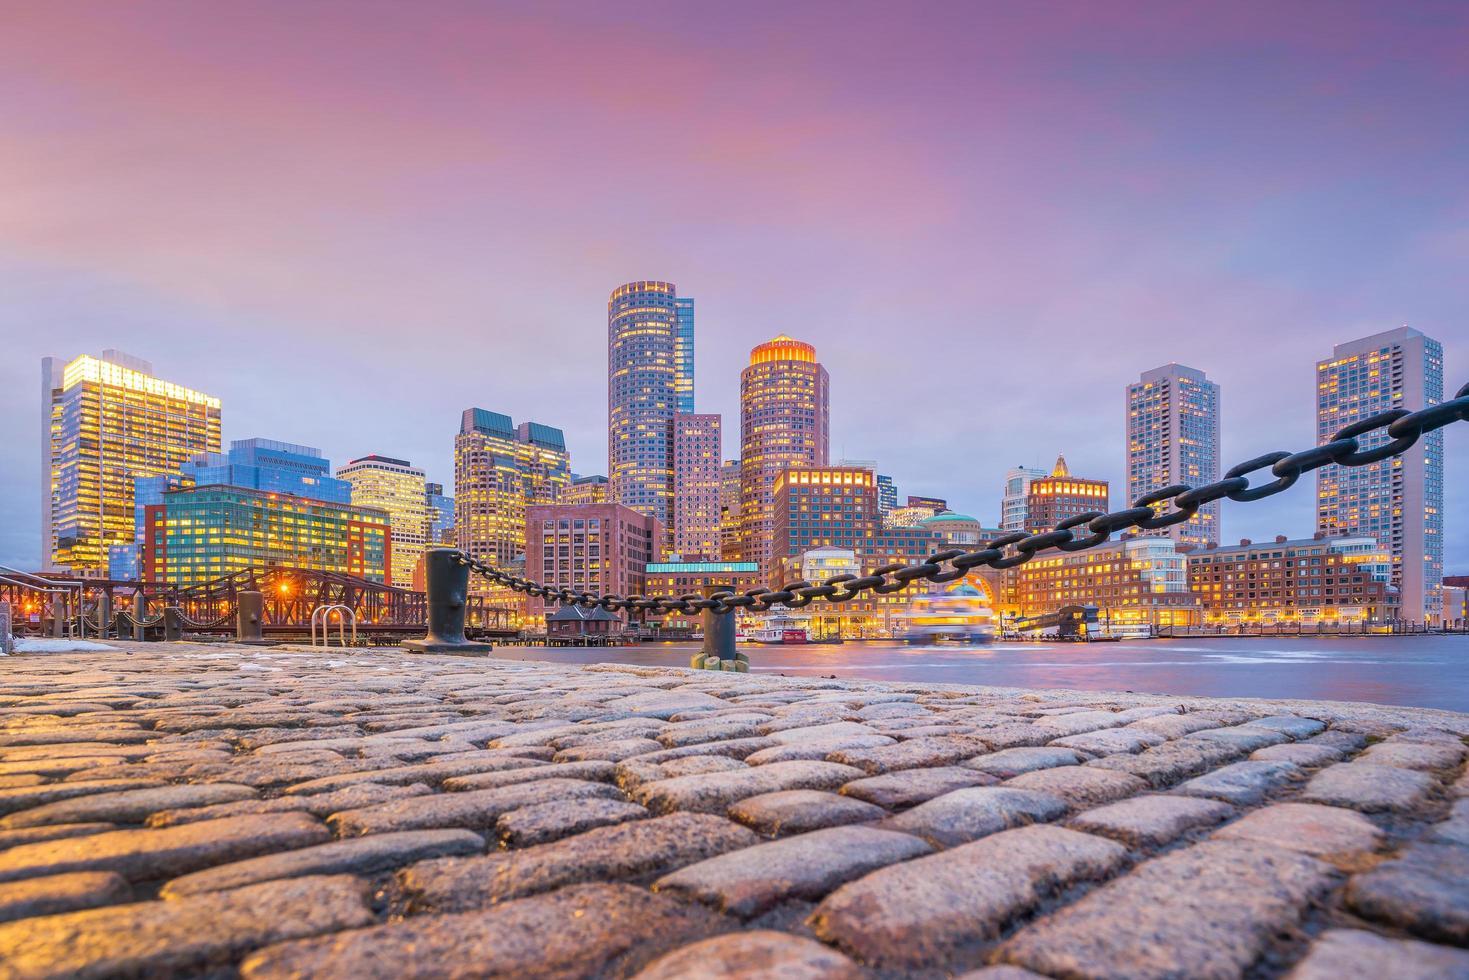 Bostoner Hafen und Finanzviertel in der Dämmerung foto